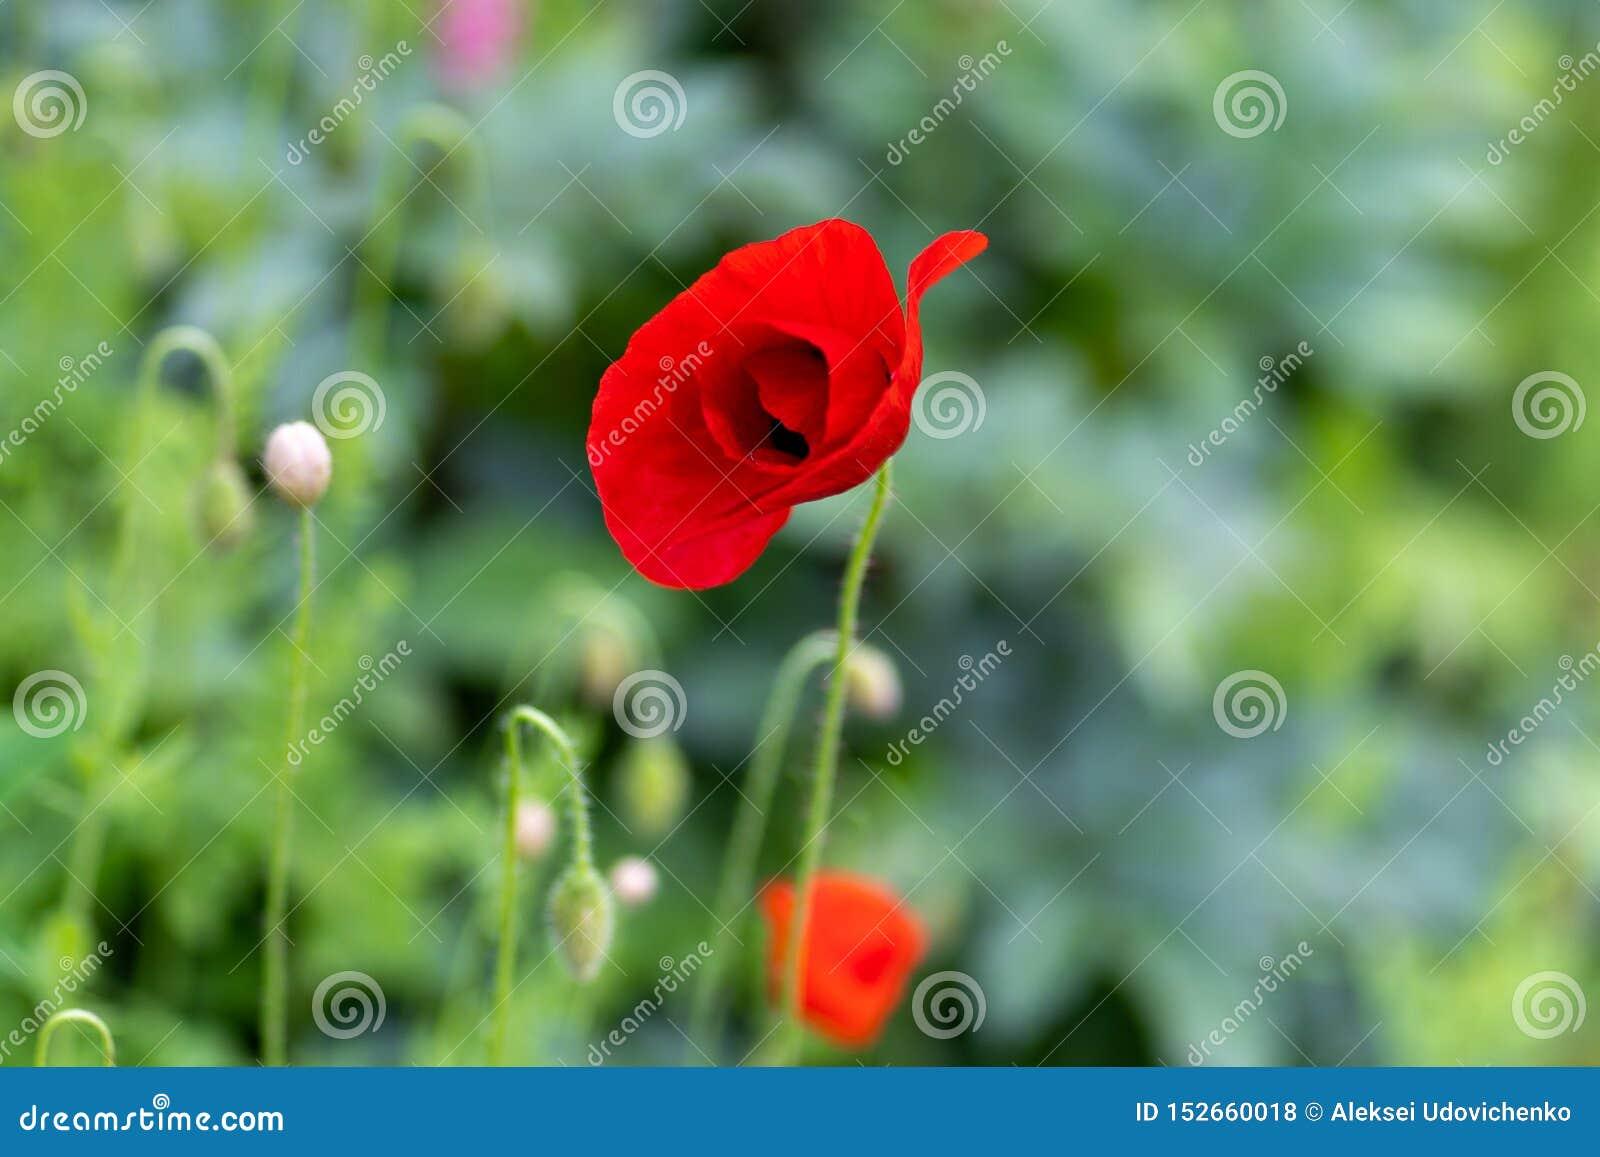 Macro tir des fleurs rouges dans la perspective de l herbe au foyer mou